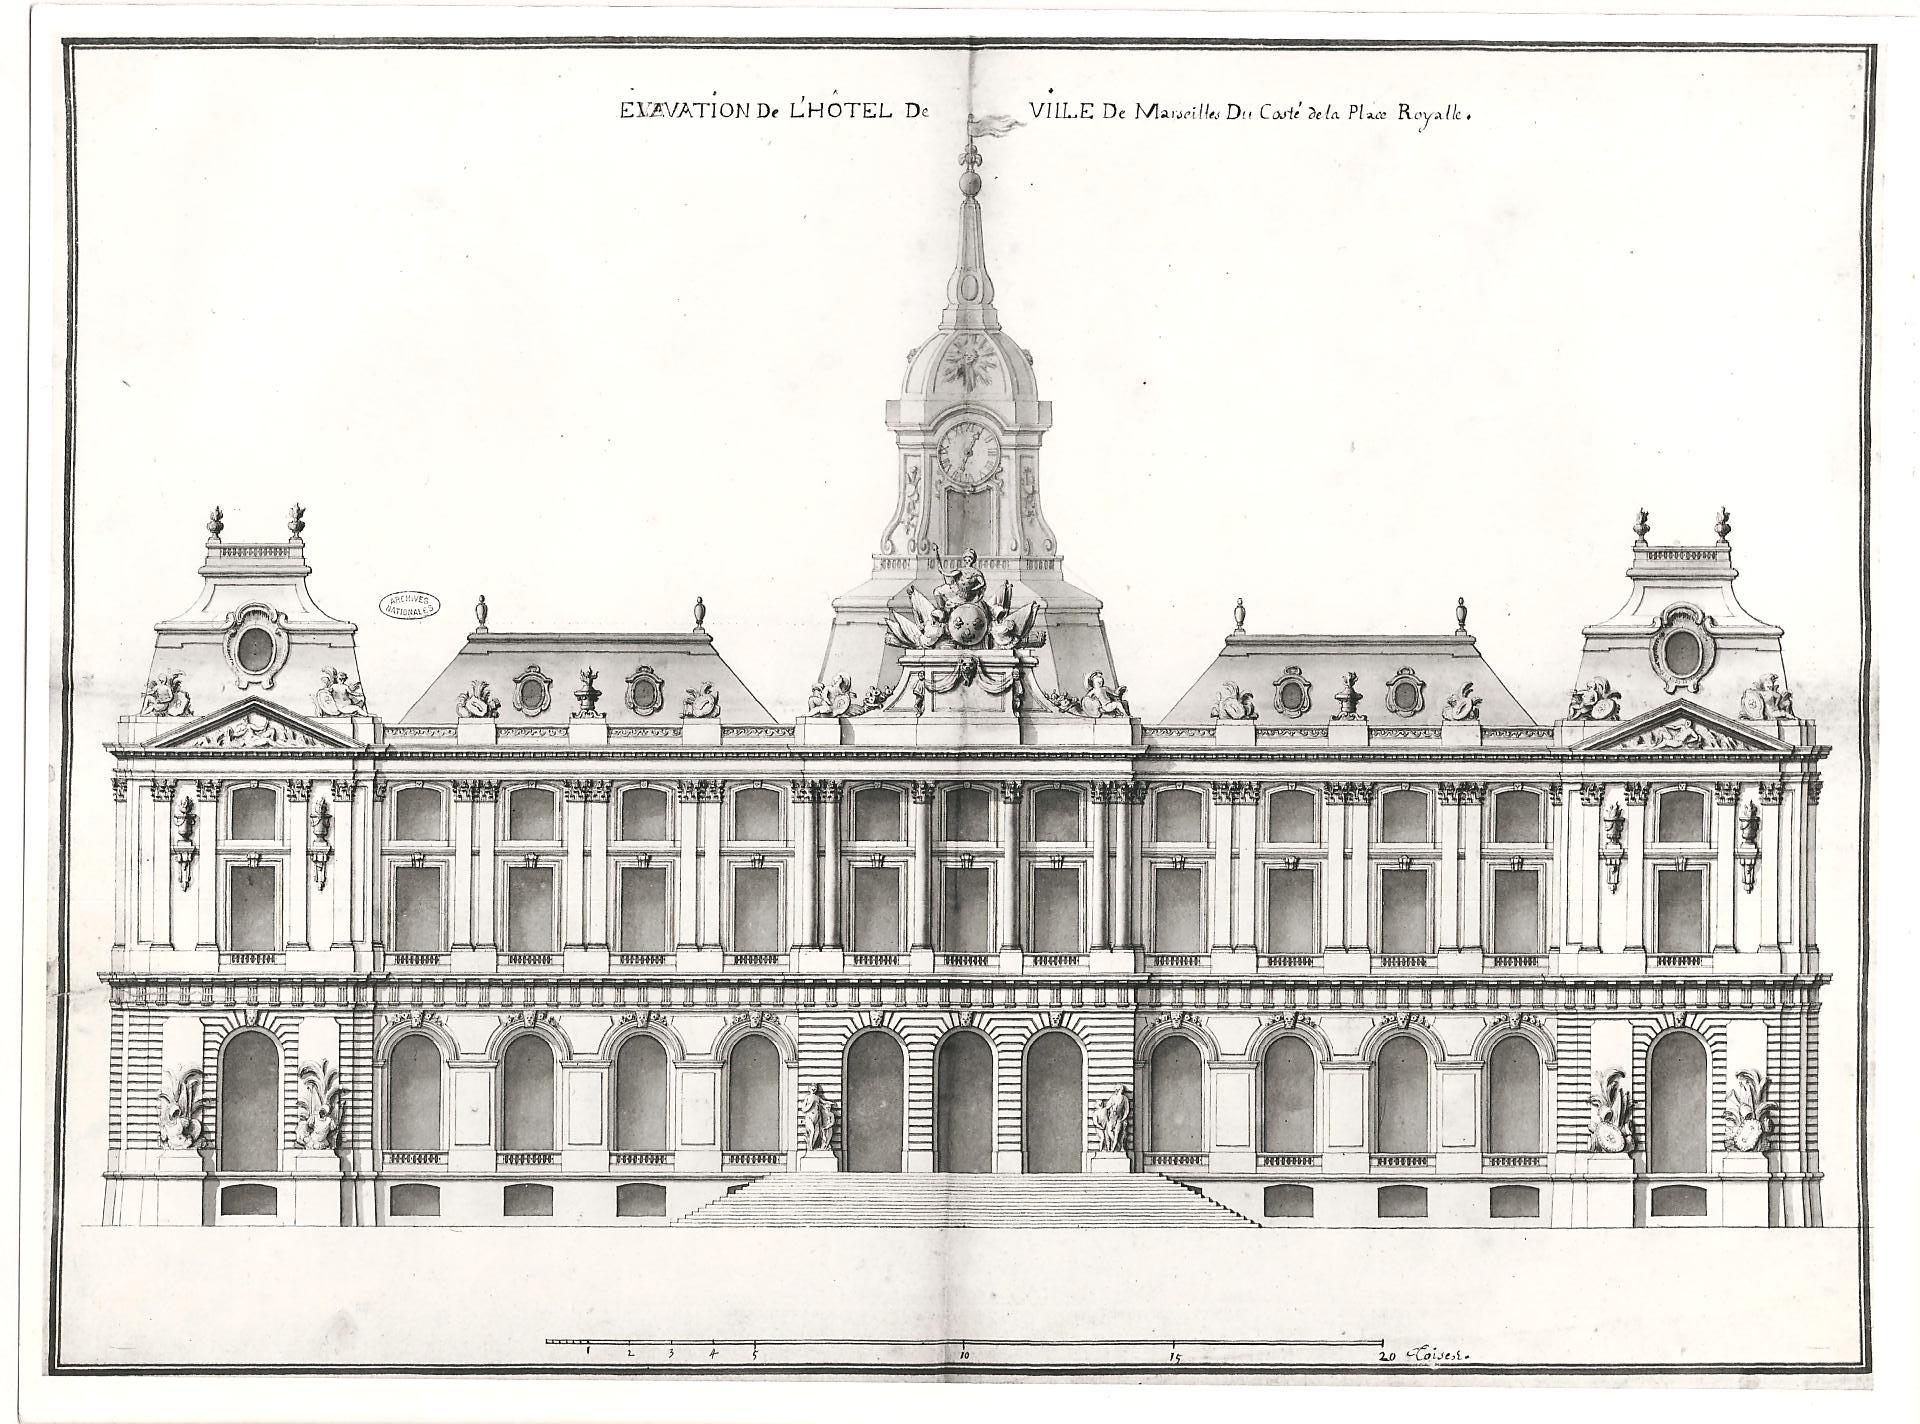 Jacques Hardouin-Mansart de Sagonne (de Lévy), projet définitif pour l''hôtel de ville de Marseille, 1752, Archives nationales